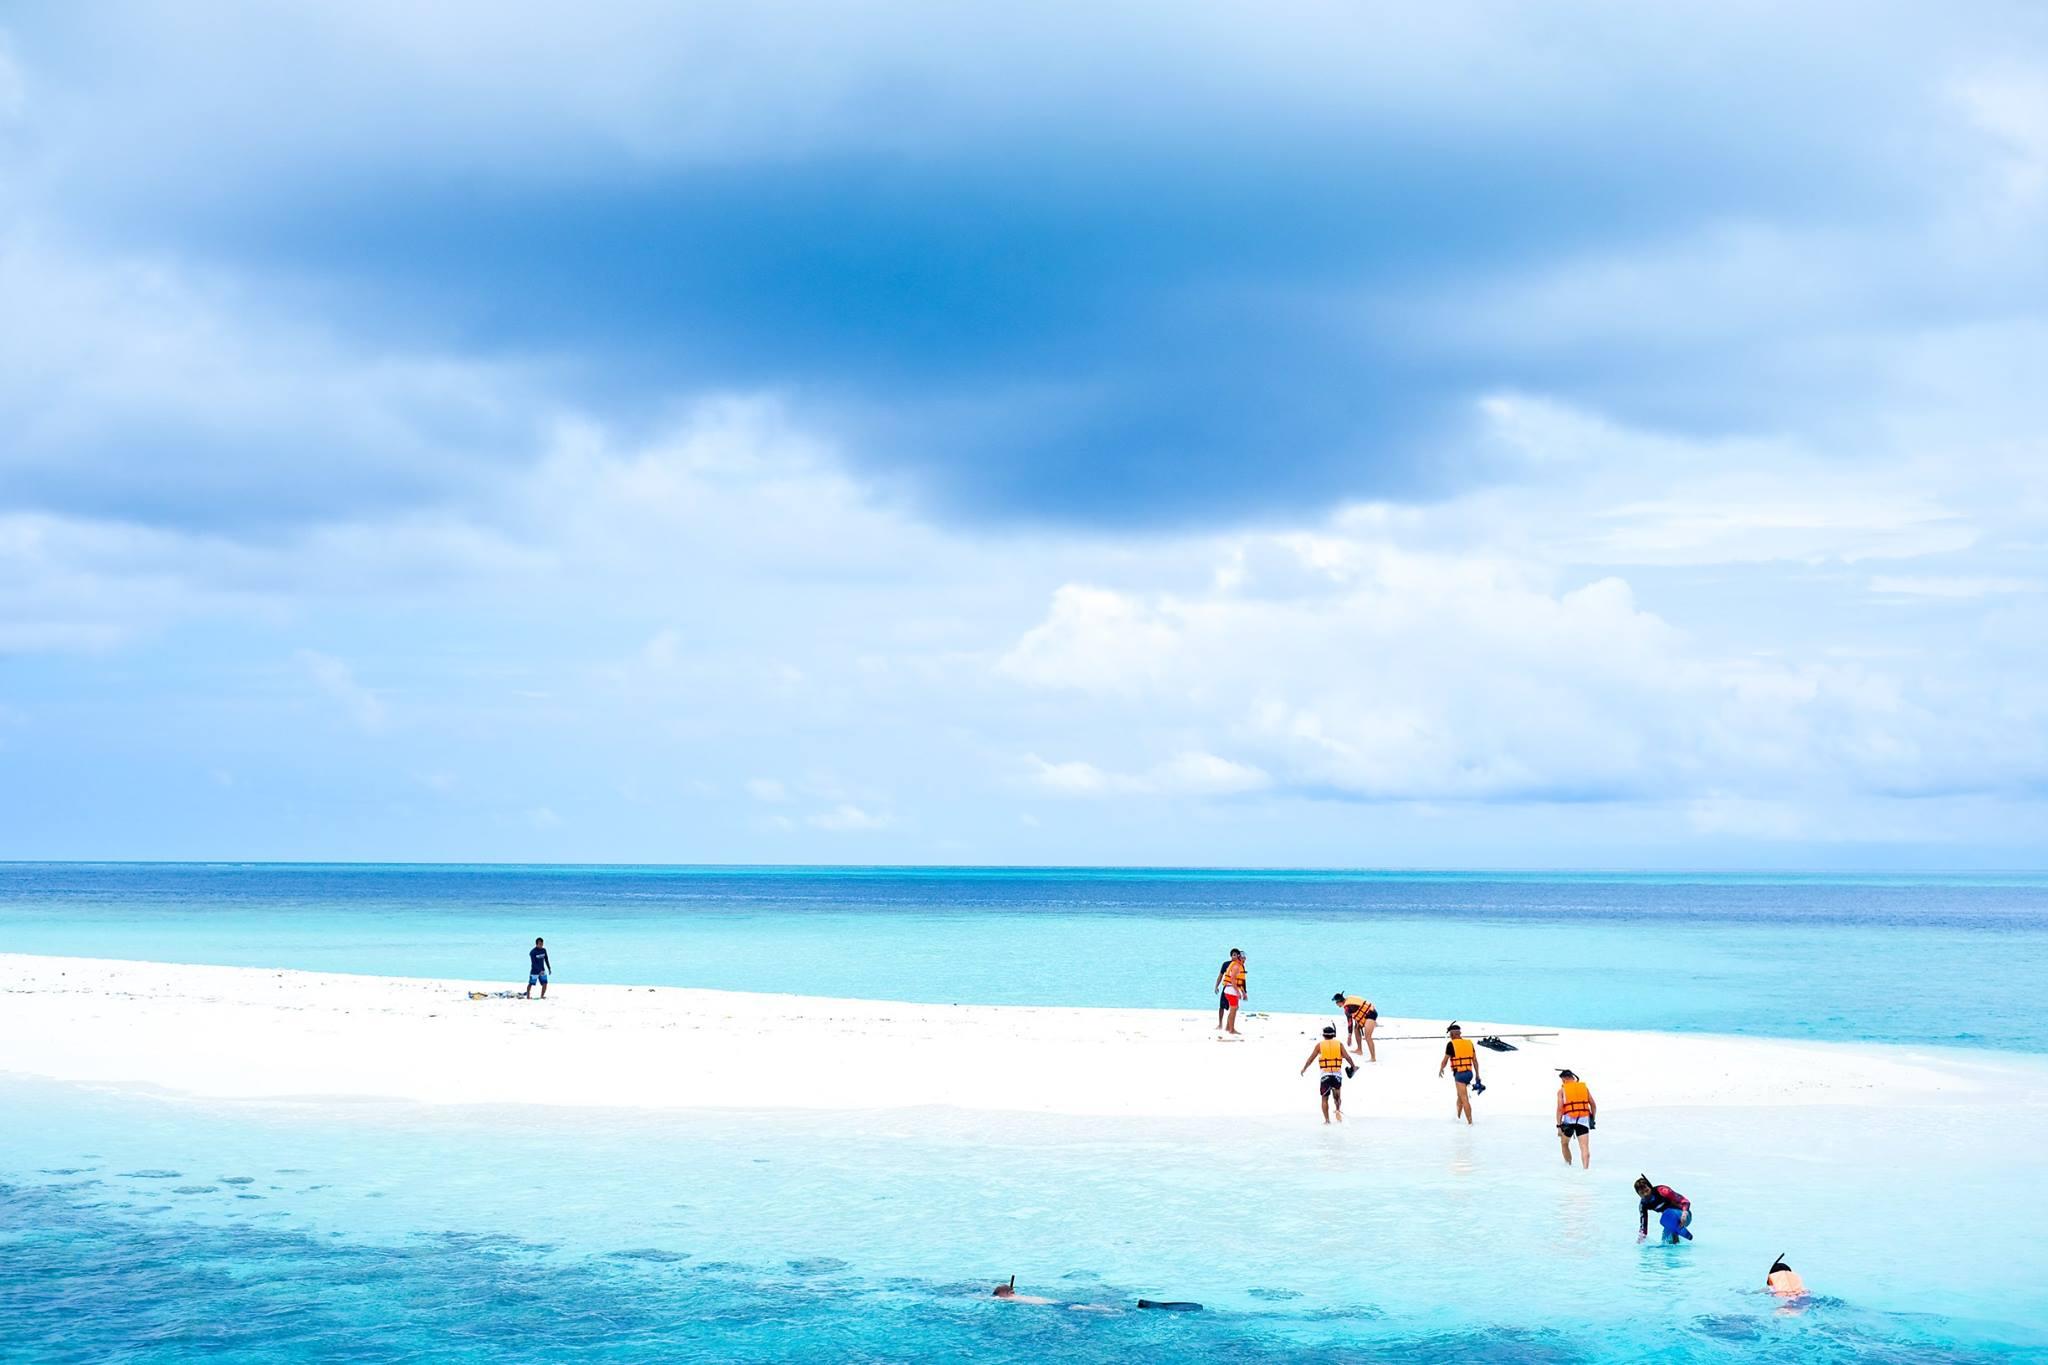 ilha-maldivas-funcionarios-festa-fim-ano